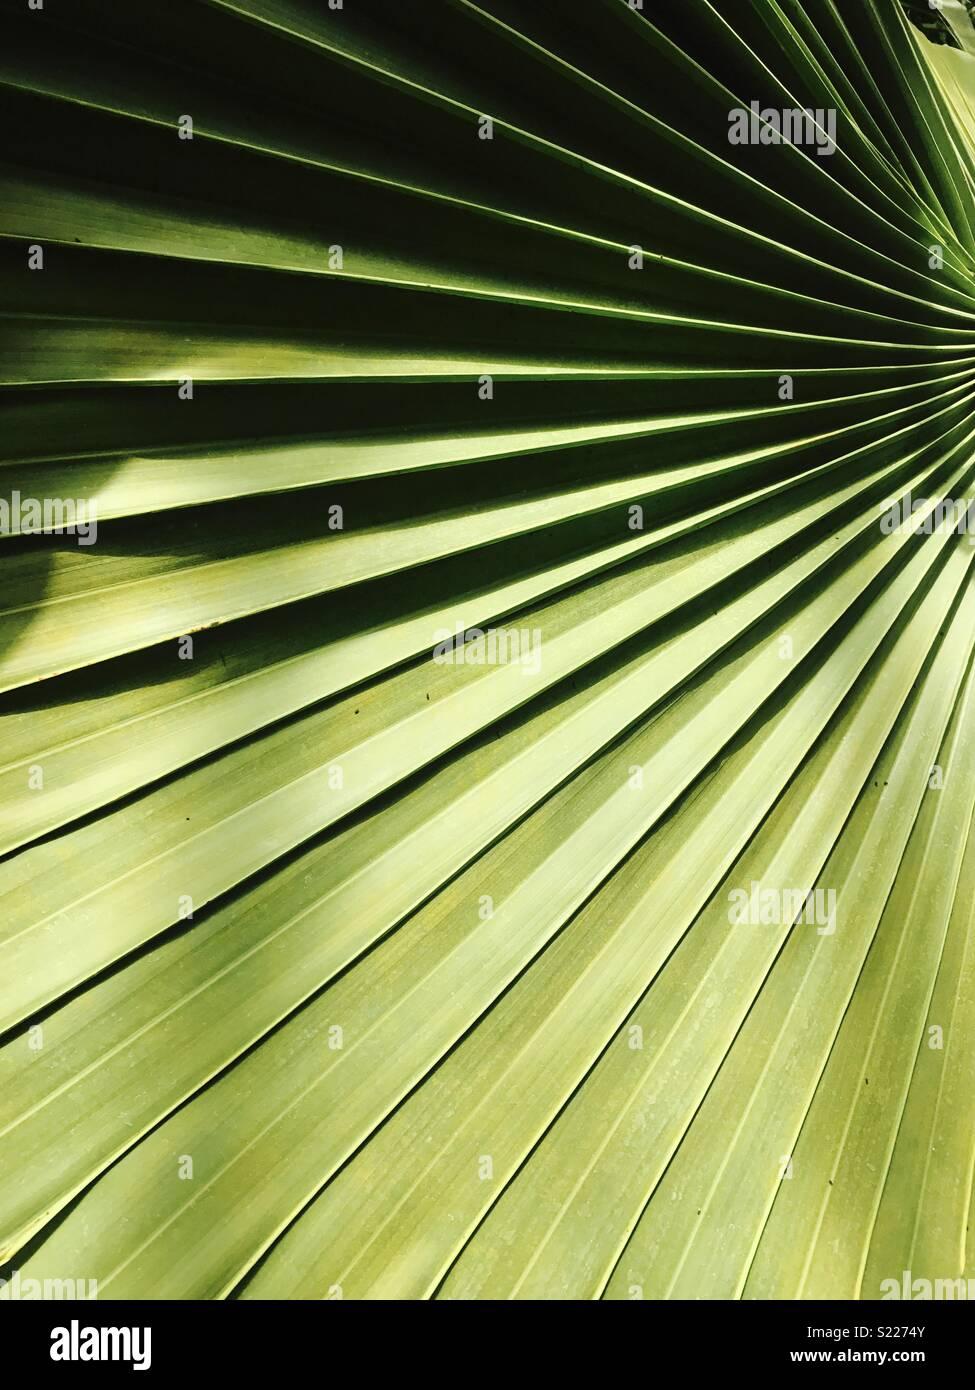 Leaf Imagen De Stock